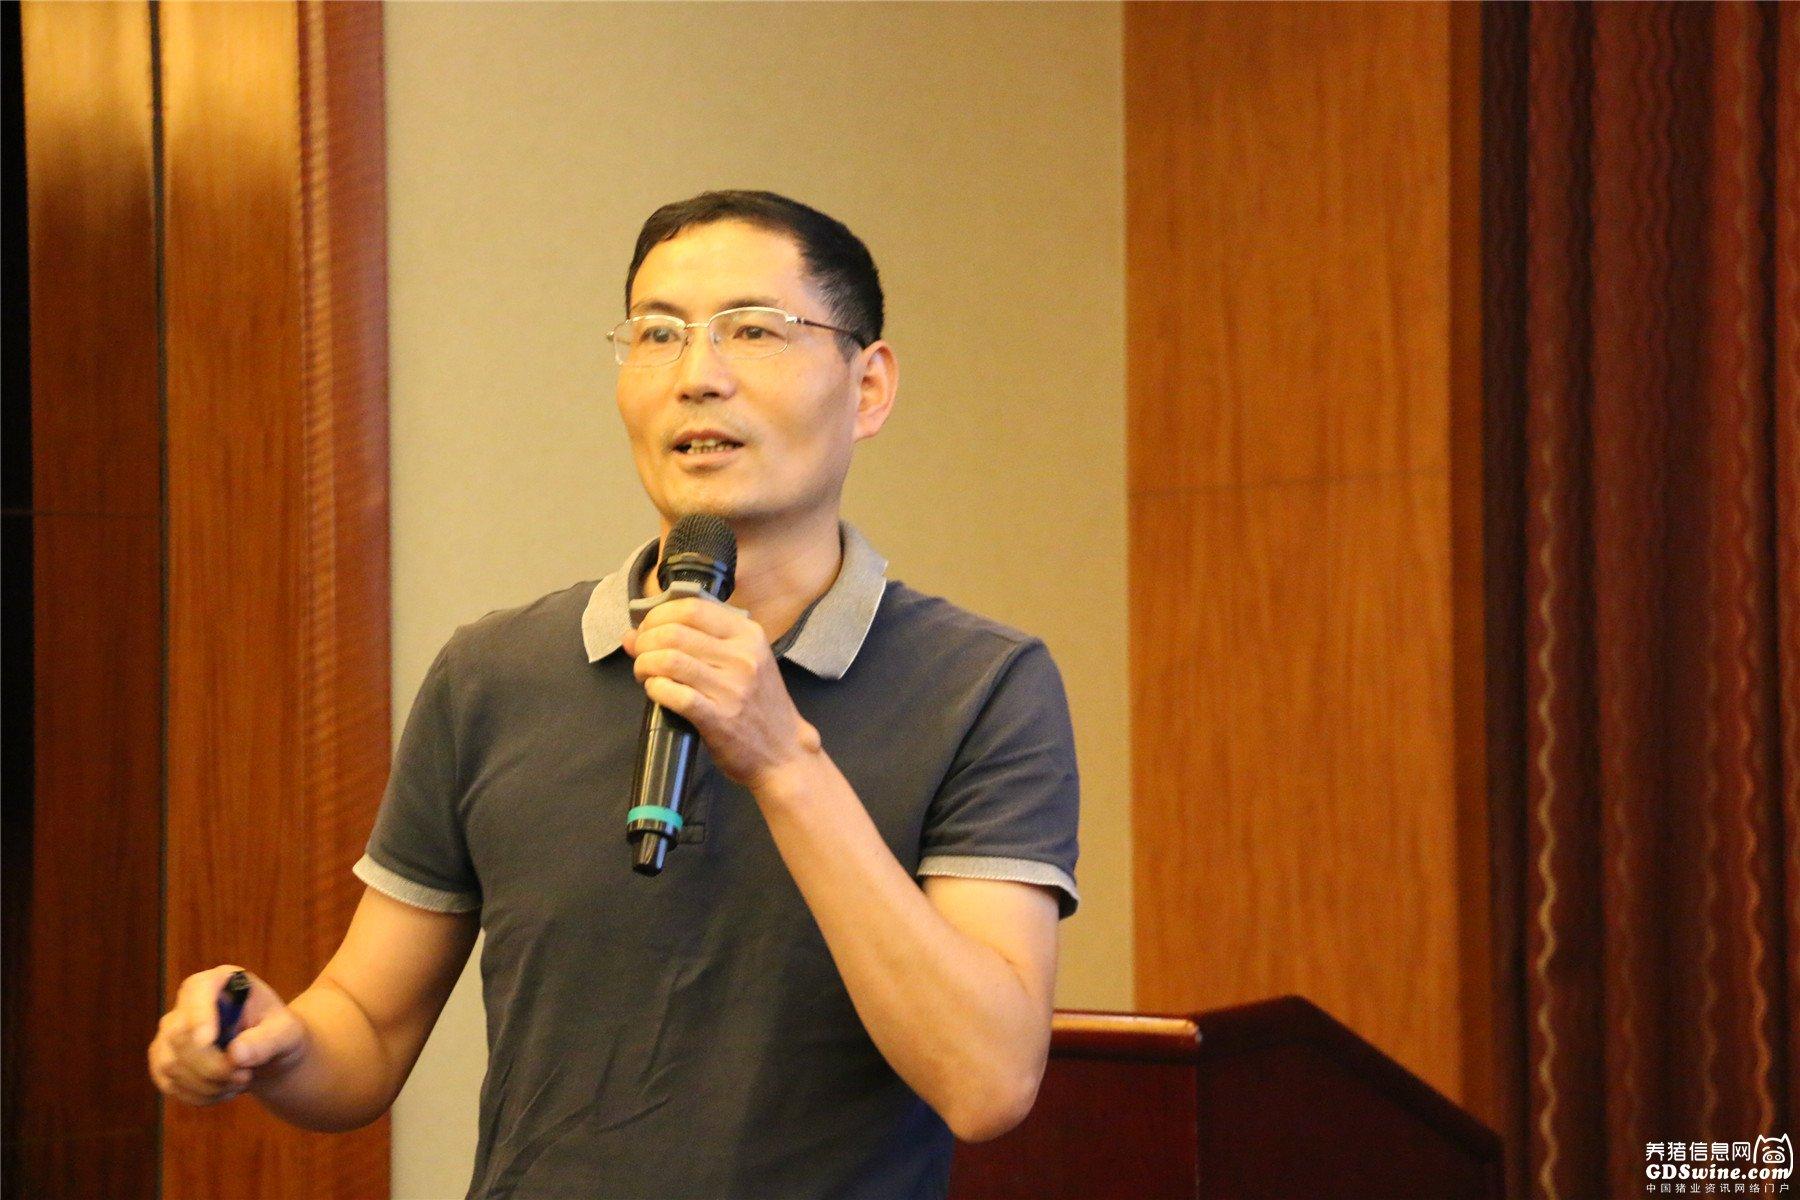 台湾阿米诺元生技股份有限公司卢小春老师主讲《猪群健康度与免疫力调节方法探讨》